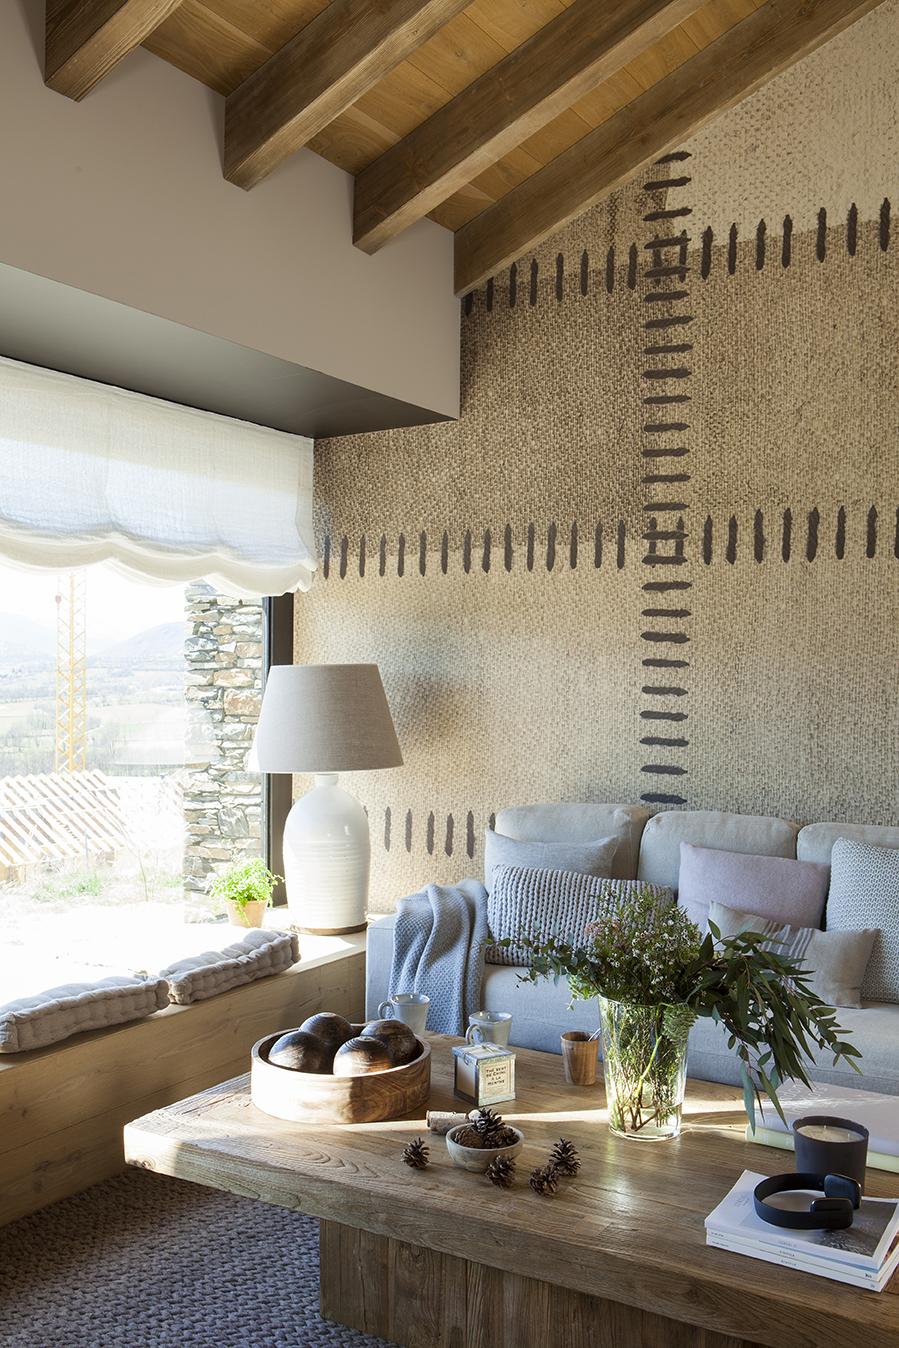 Revestimientos tipos ventajas y desventajas - Revestimientos de paredes imitacion piedra ...